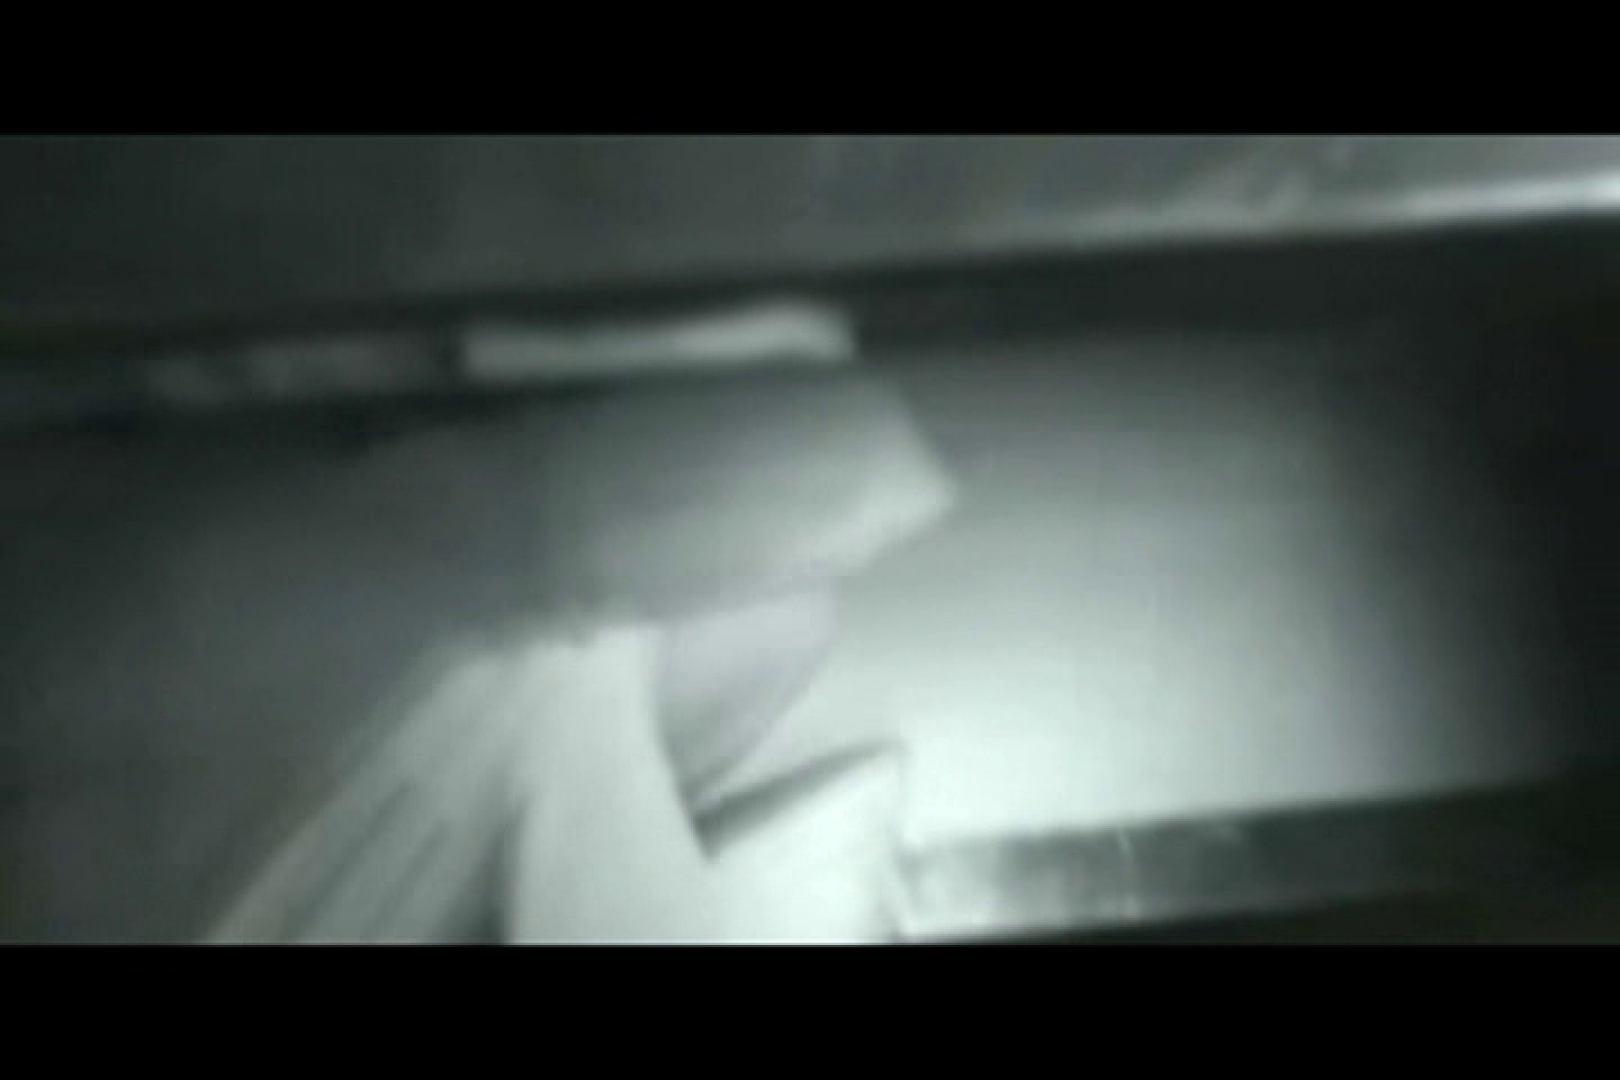 ぼっとん洗面所スペシャルVol.17 洗面所 覗きワレメ動画紹介 74PICs 56